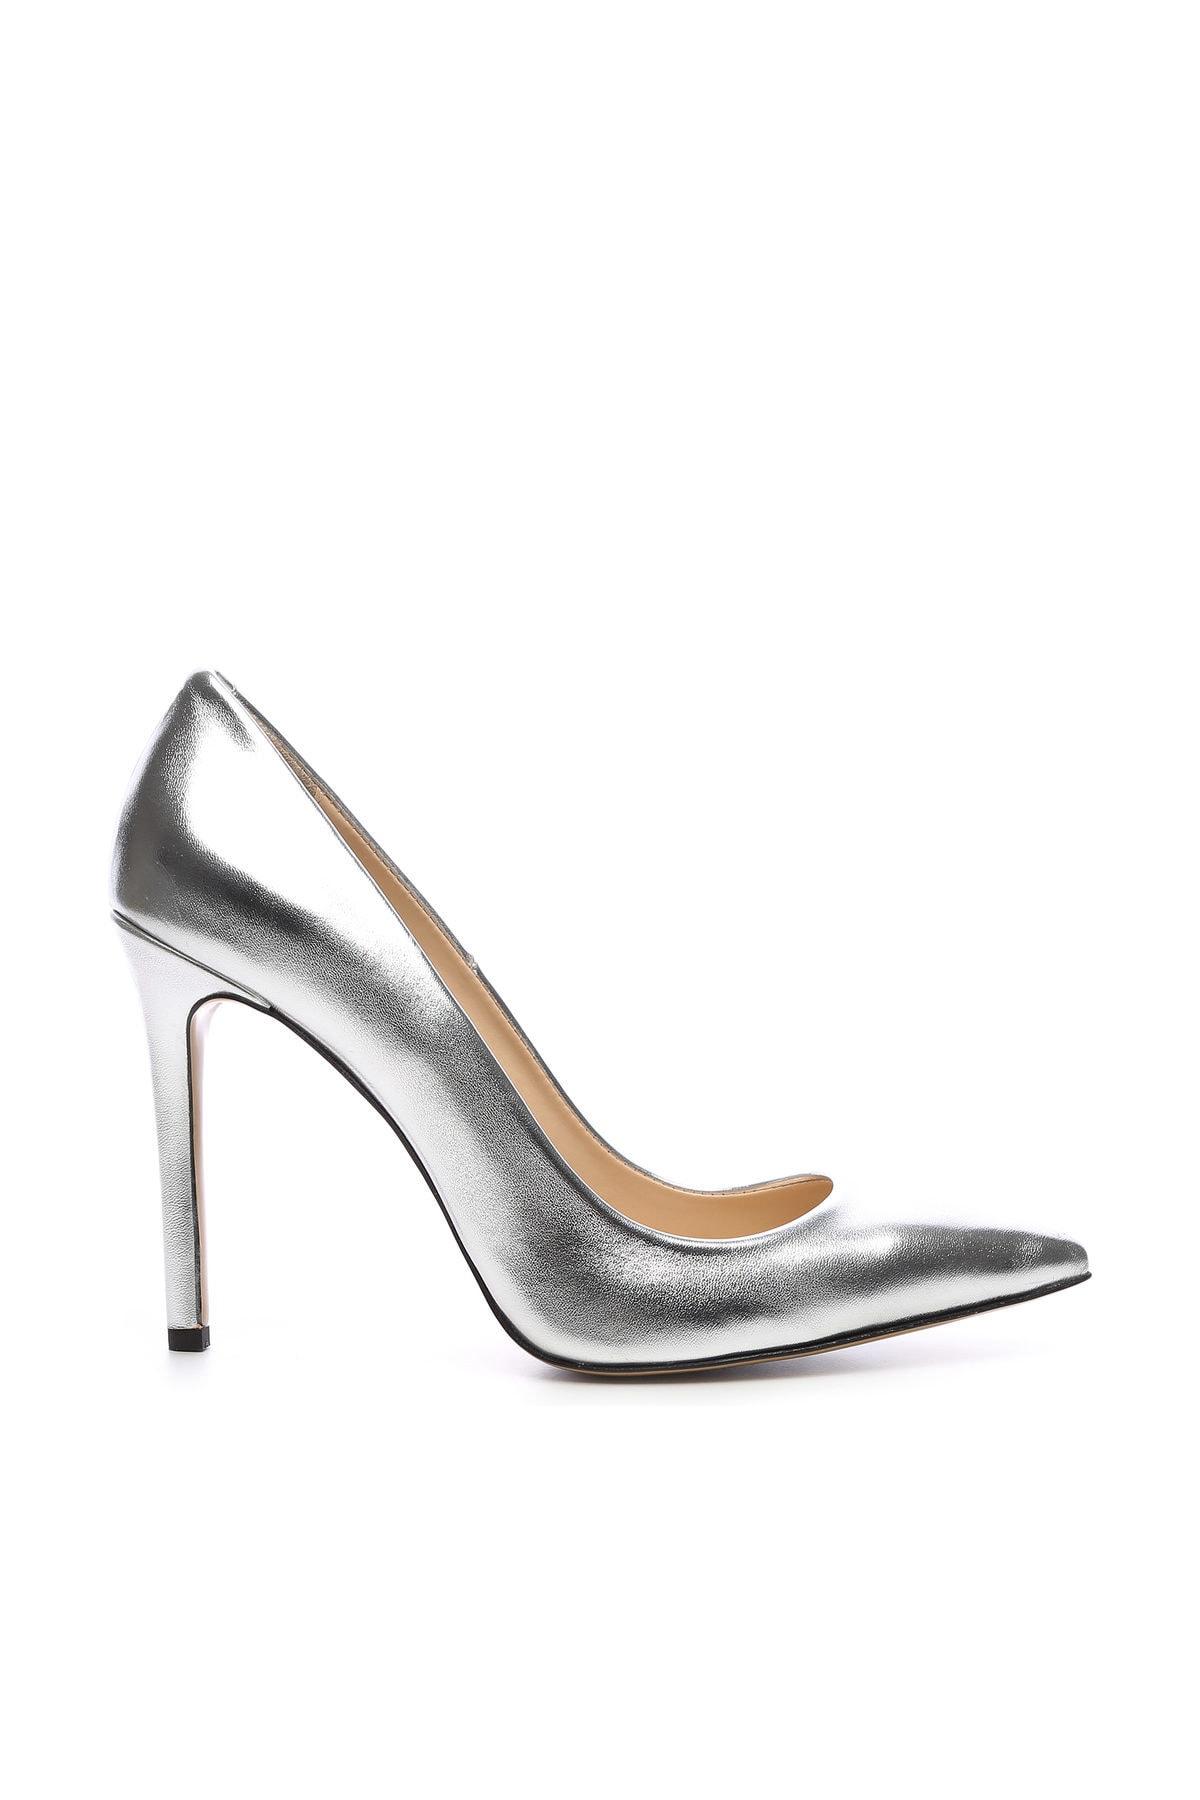 KEMAL TANCA Gri Kadın Vegan Klasik Topuklu Ayakkabı 22 51191 BN AYK Y19 1